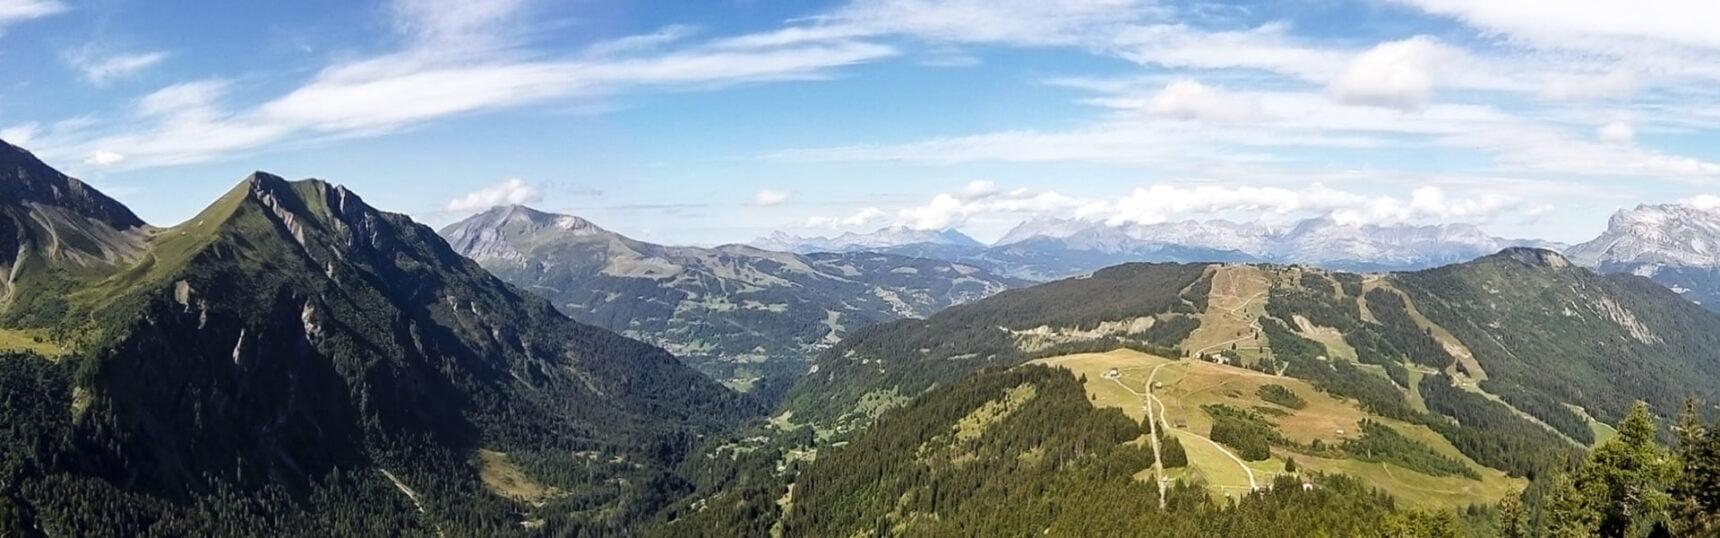 Ein wunderschöner Ausblick in der französischen Alpen.